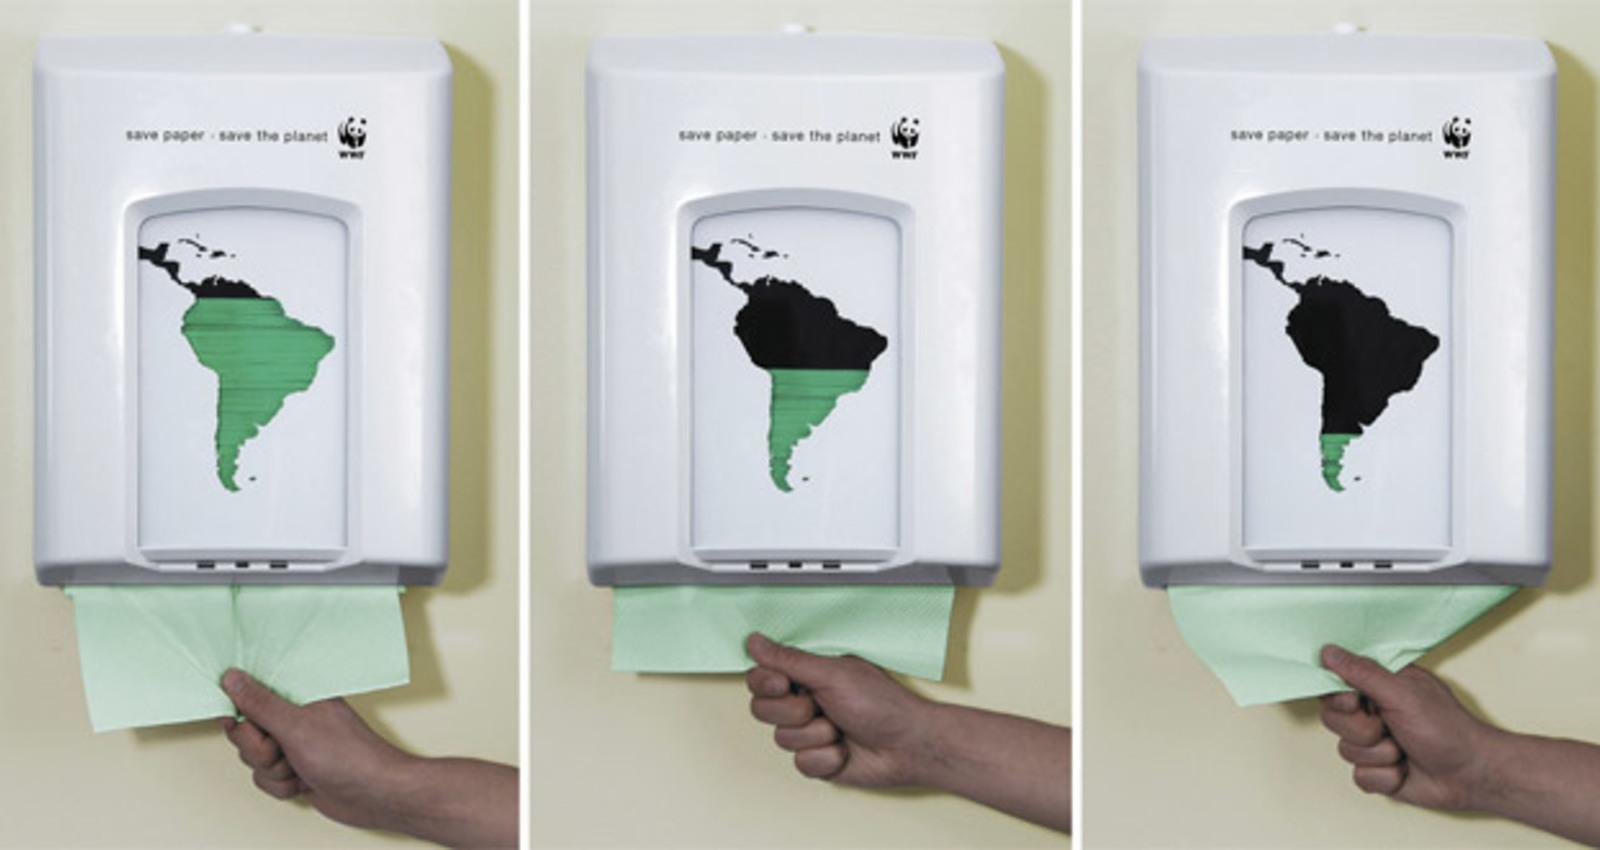 WWF Paper Dispenser